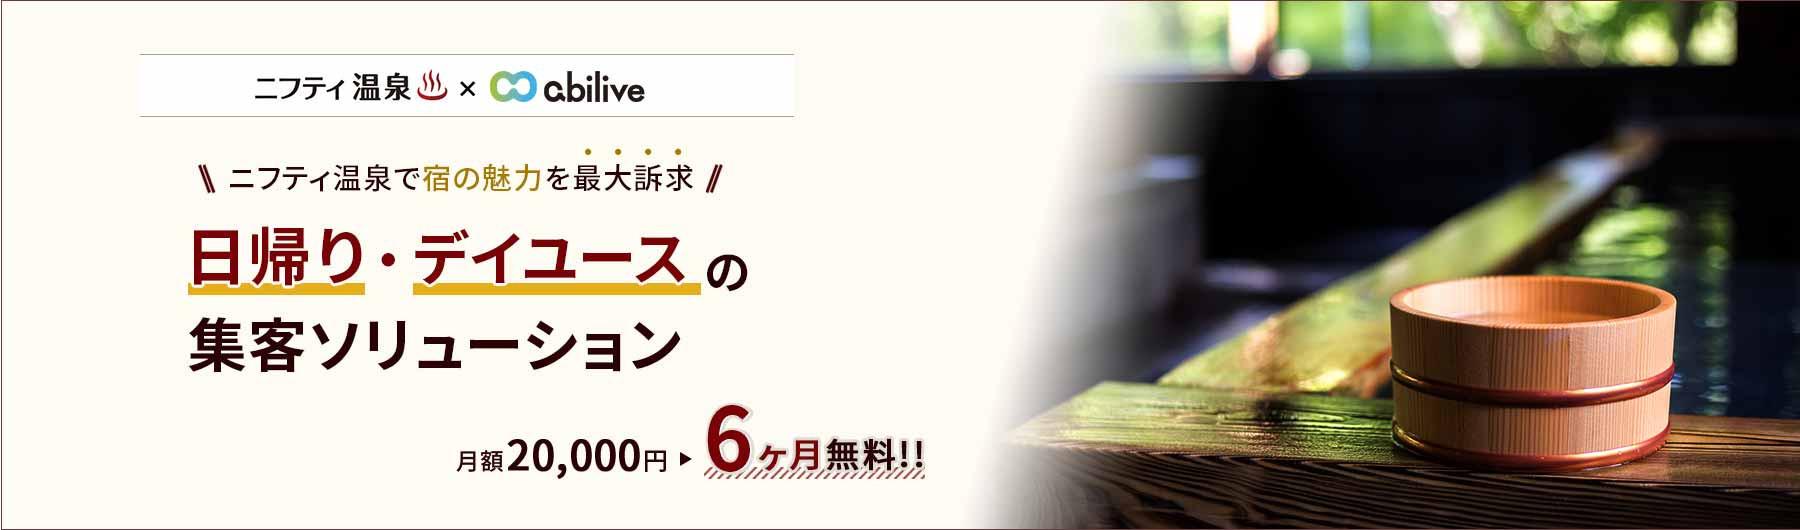 【ニフティ温泉×アビリブ】日帰り・デイユース訴求の新しい提案<ニフティ温泉 リッチスタイル>2021月新年リリース!